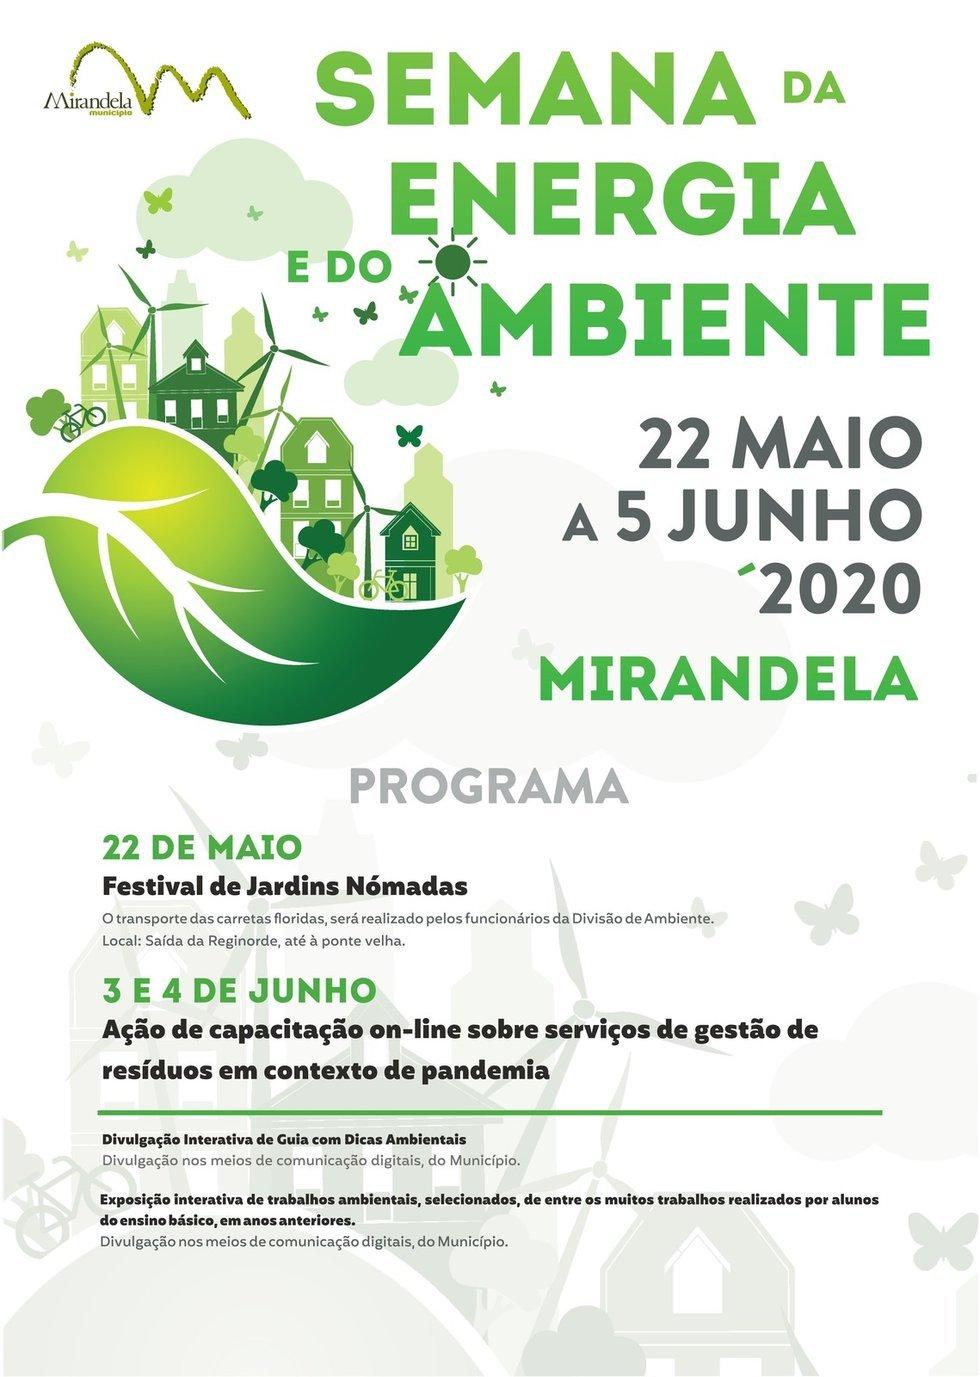 Semana da Energia e do Ambiente 2020